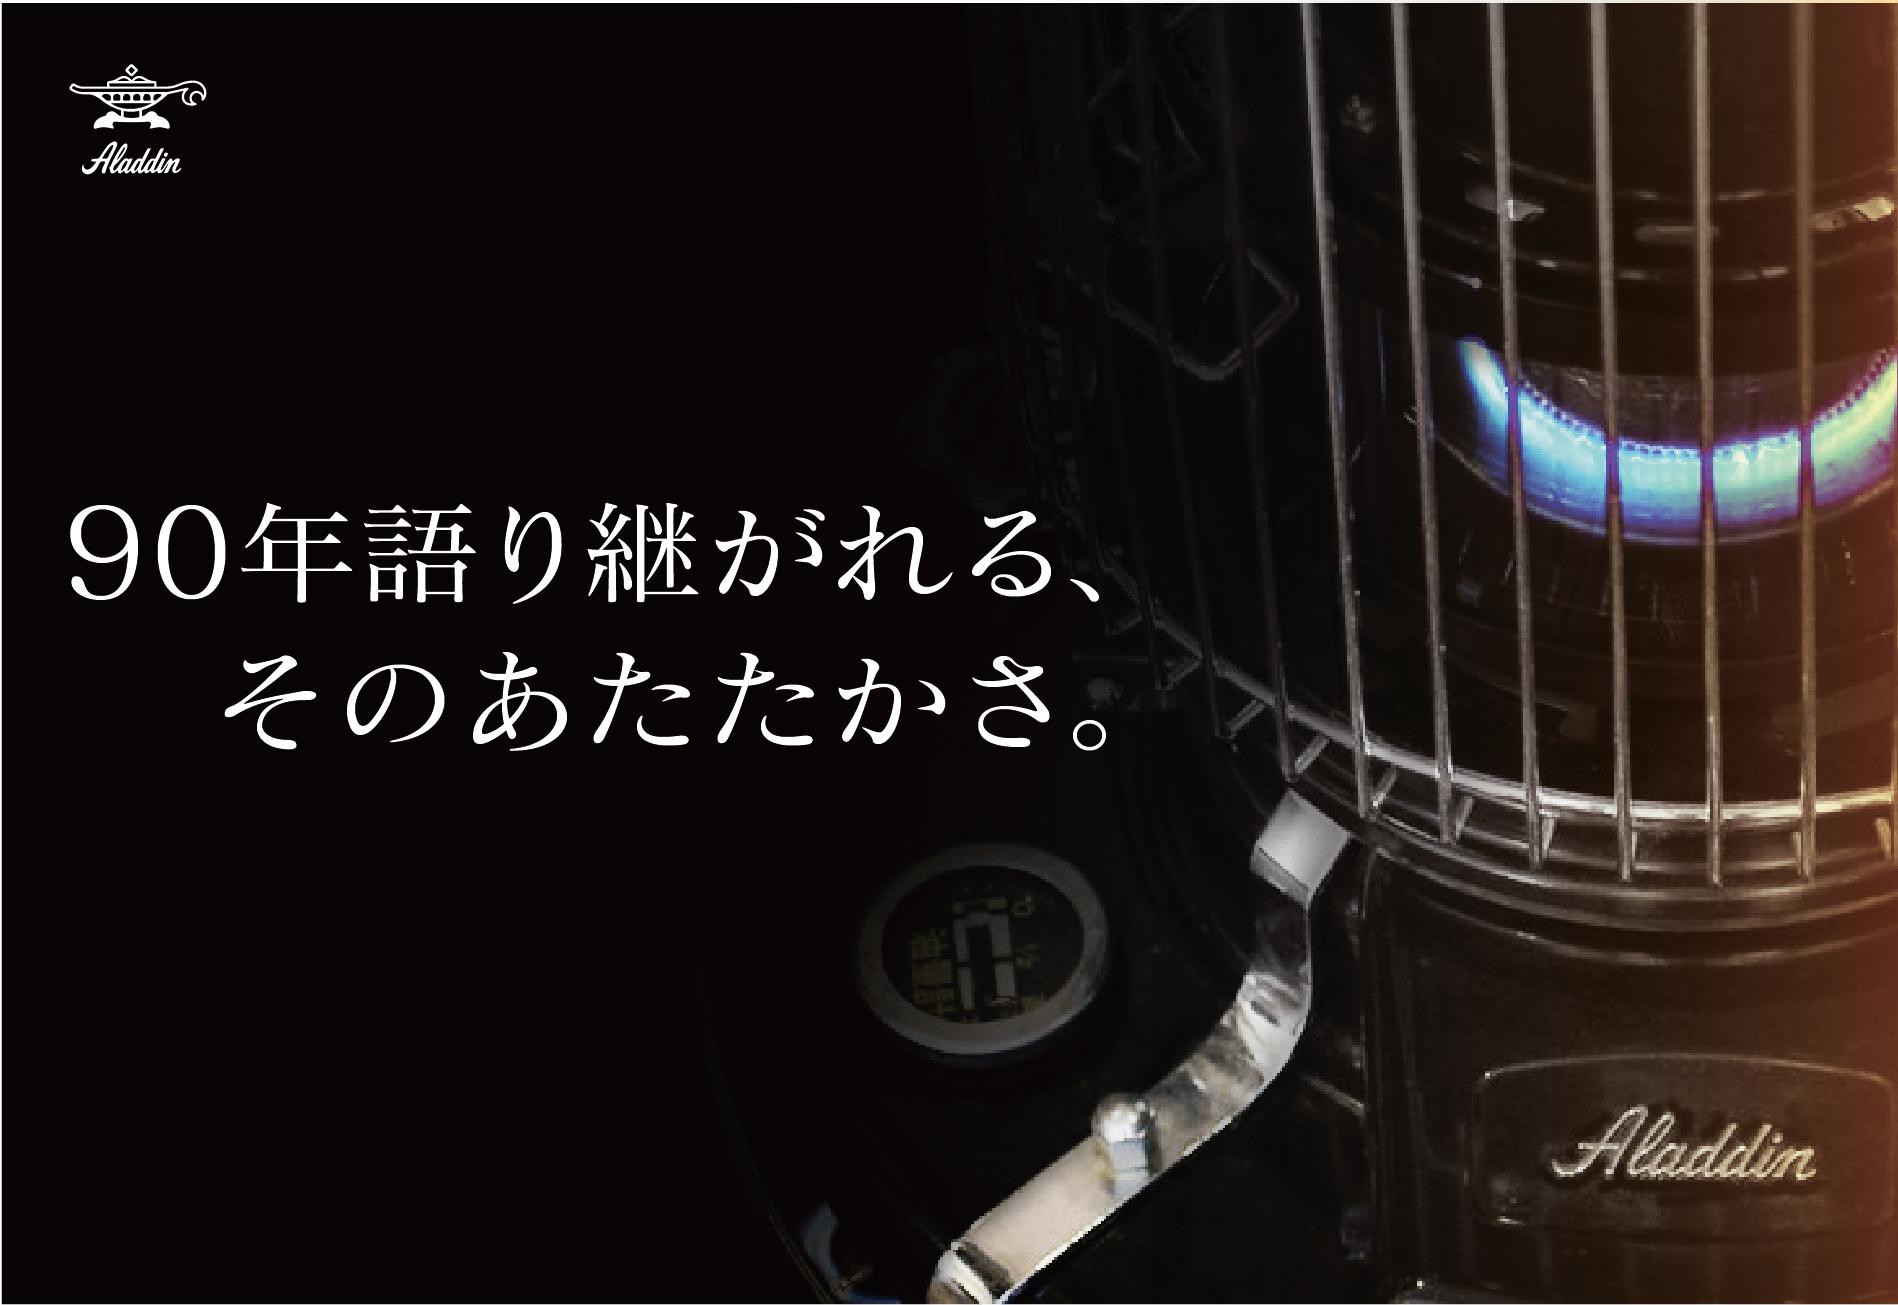 アラジンブルーフレームの広告つくってみた(炎編)